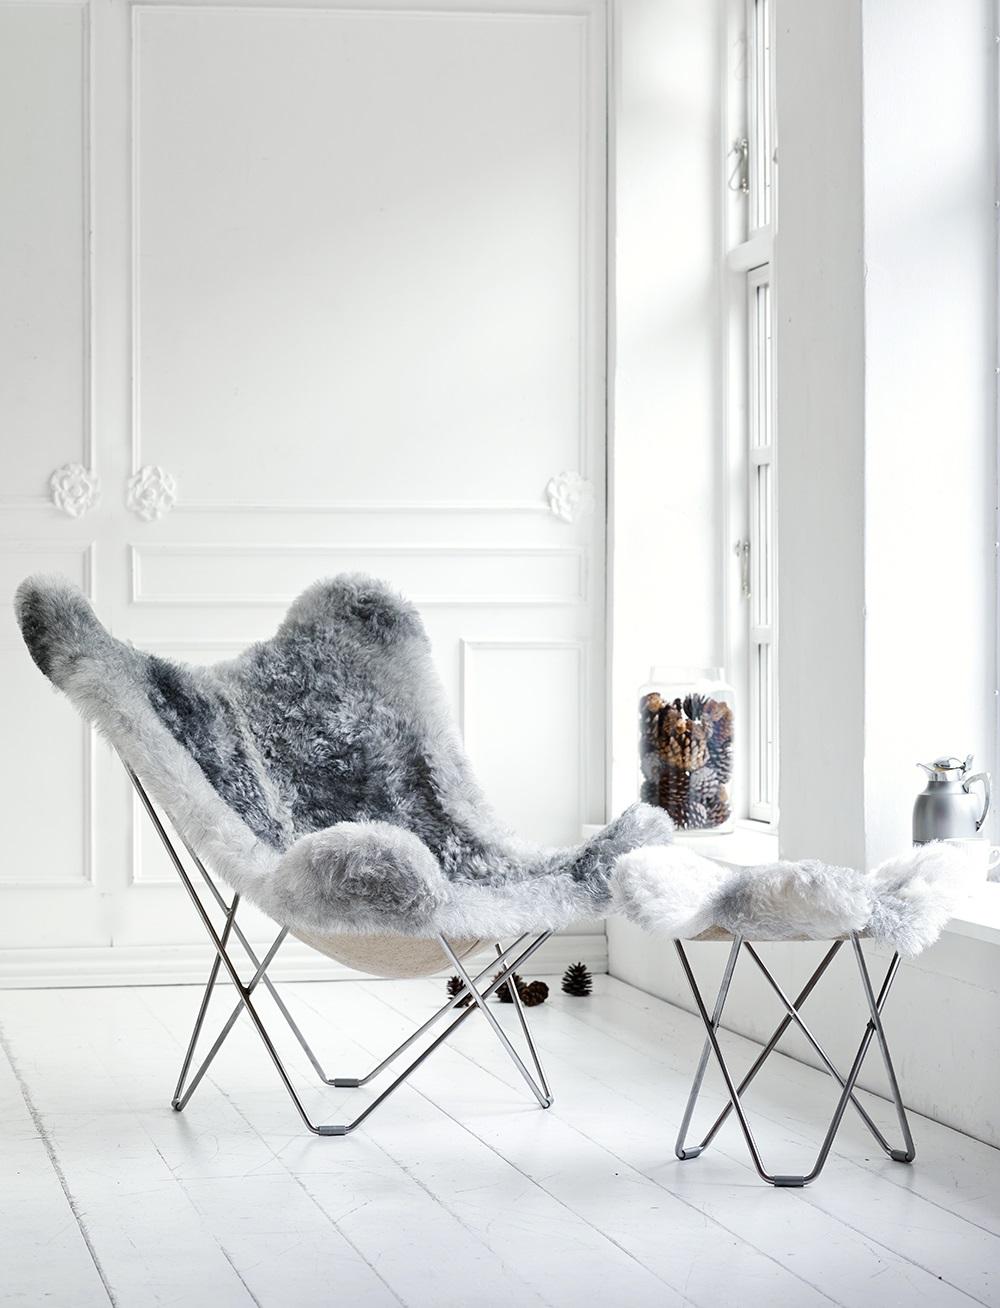 Butterfly chair | źródło: cosyandthegang.tumblr.com